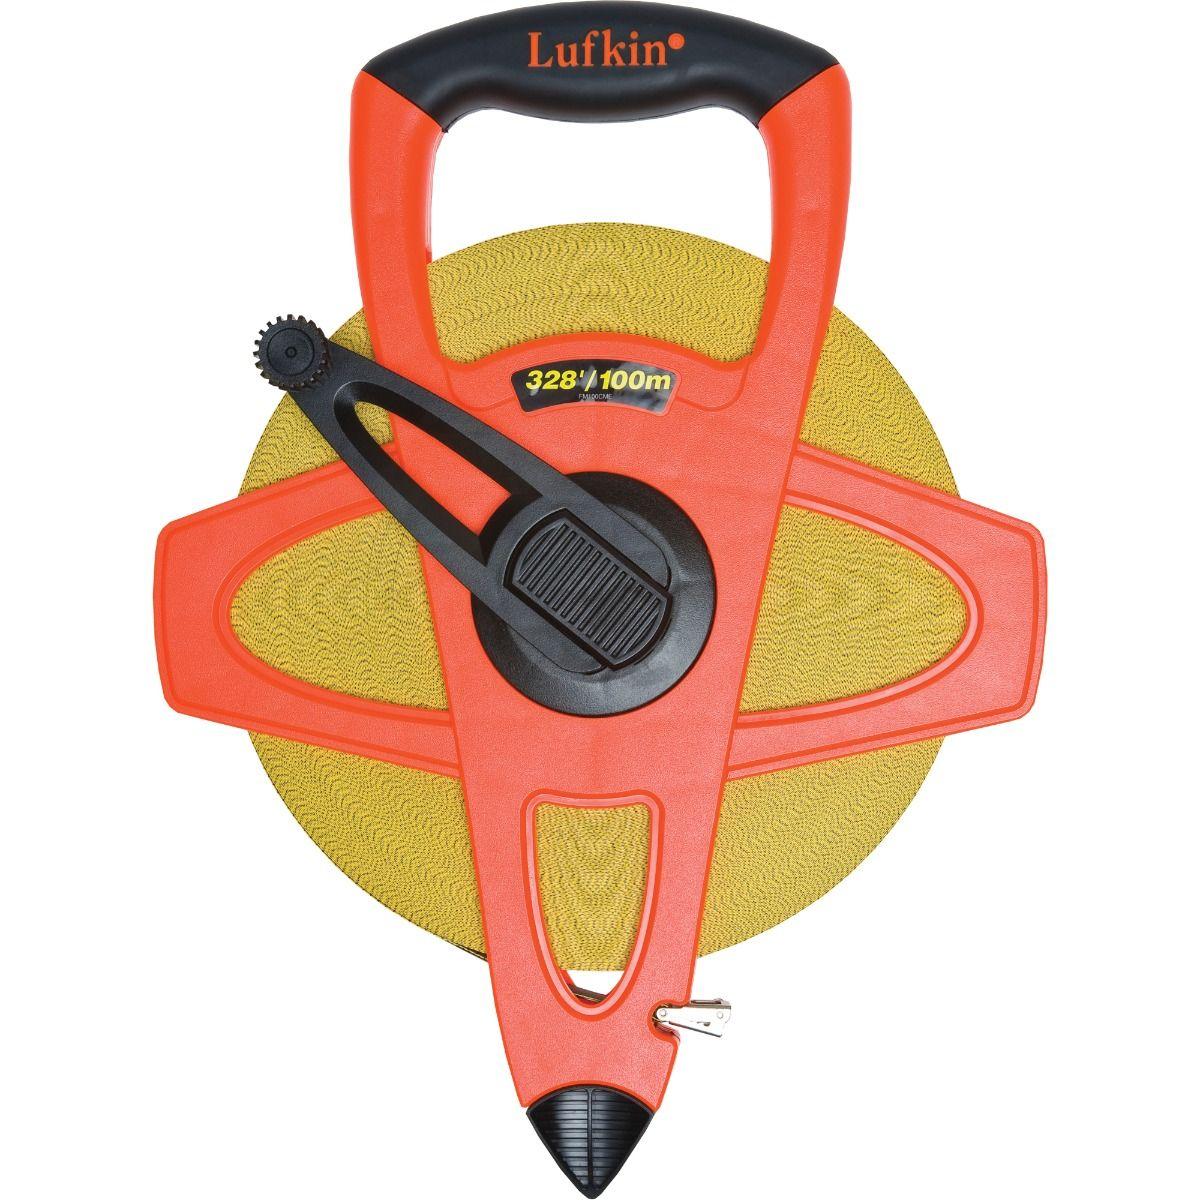 Lufkin Measuring Tape 1/2 inch wide by 100 feet long